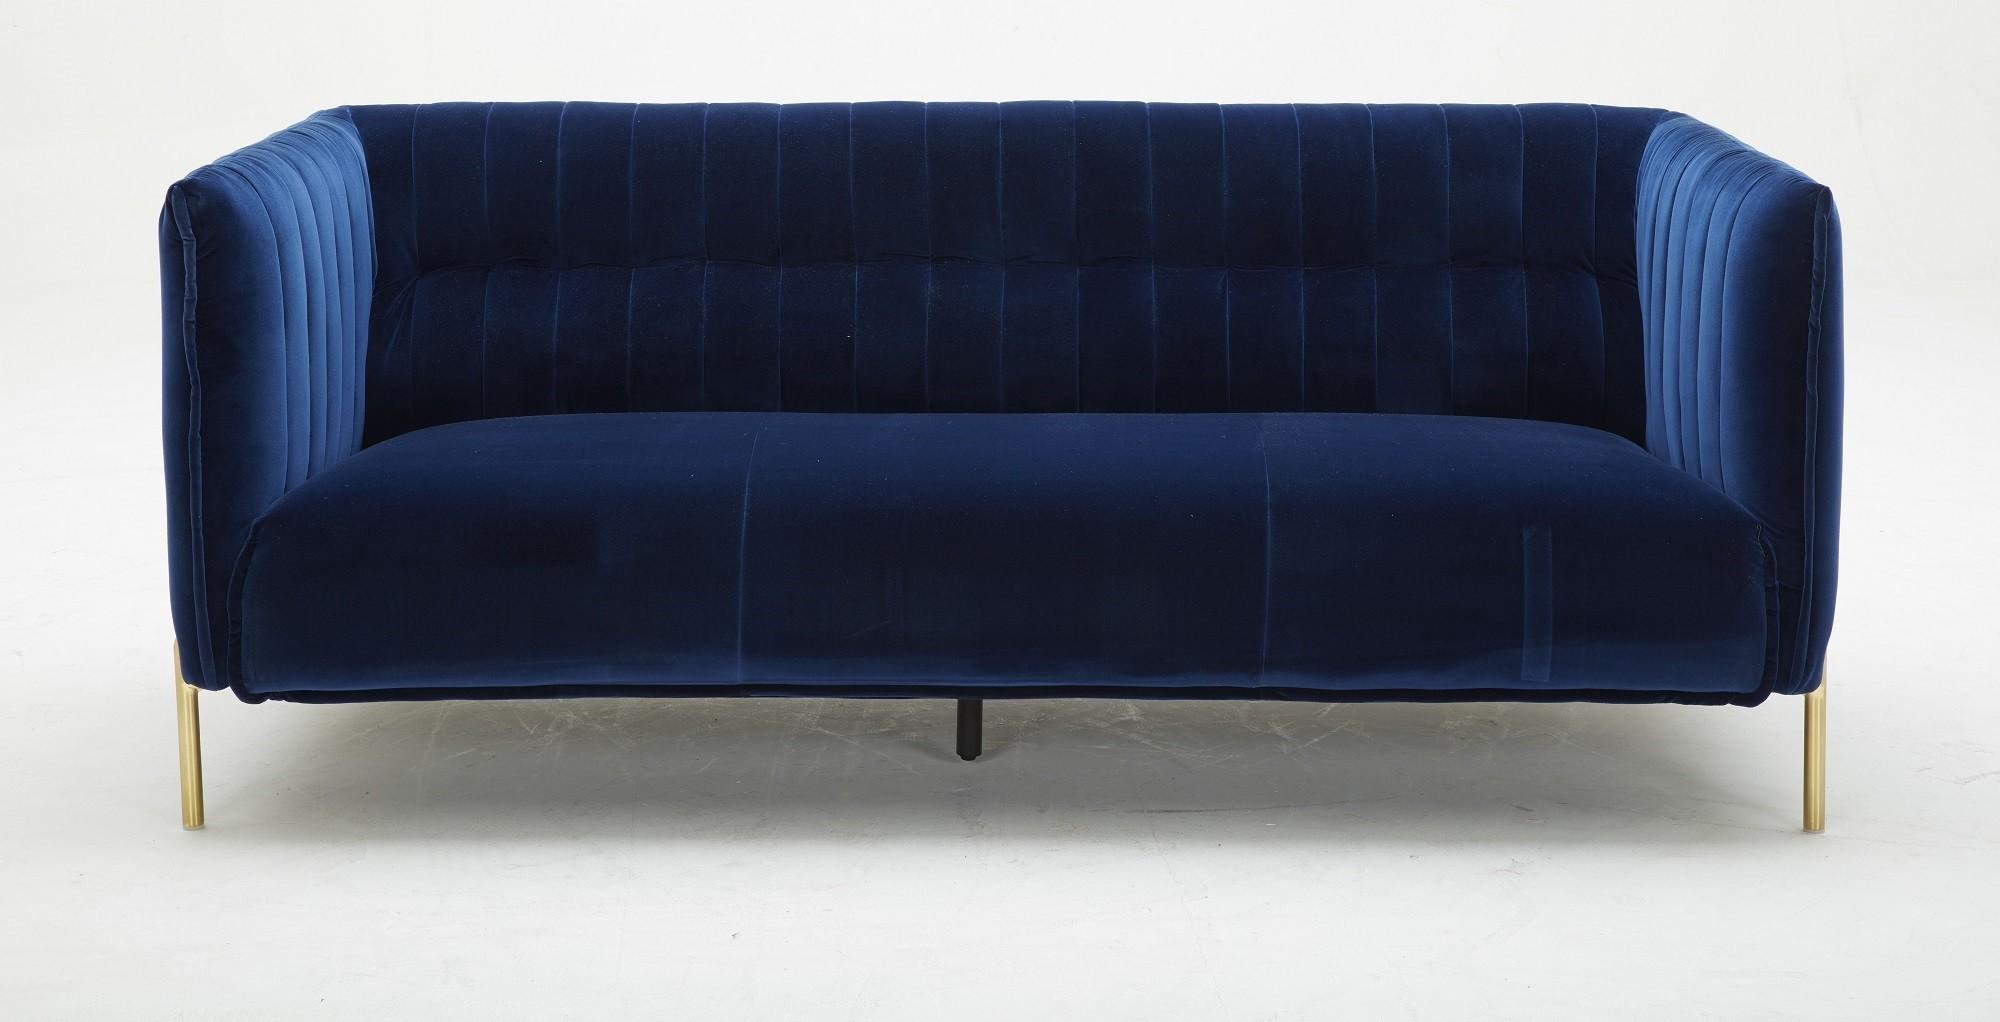 Deco Blue Fabric Sofa Set